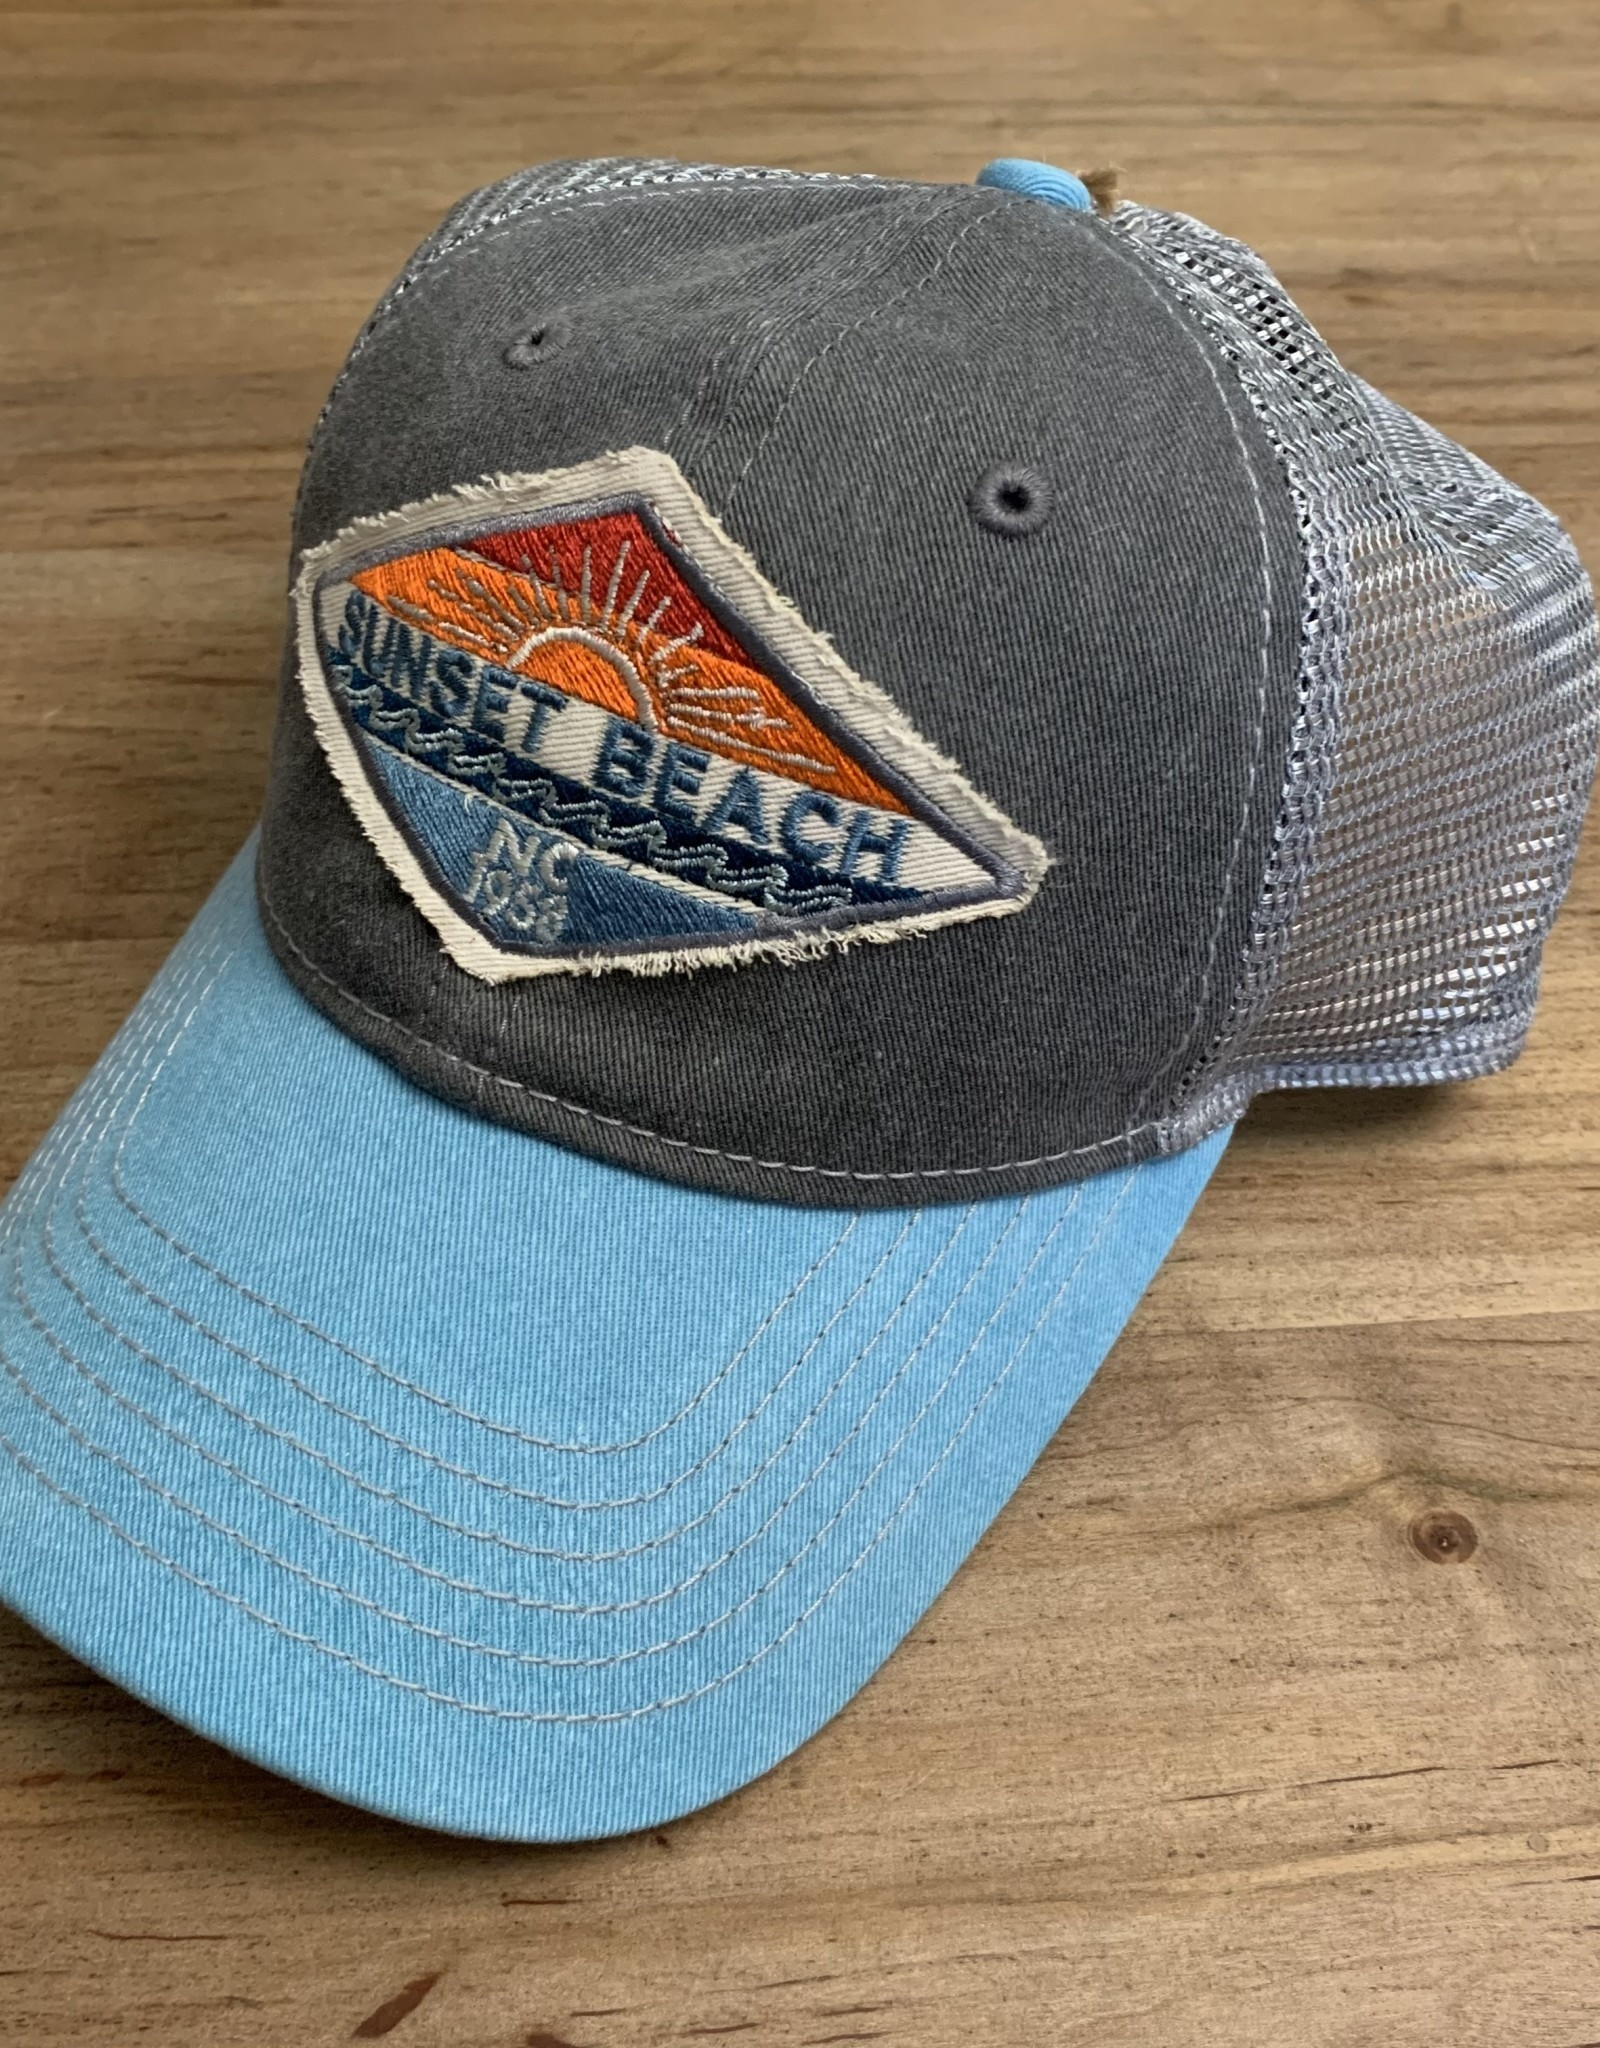 HALLENA SUN WAVE SCOUT LOWPRO TRUCK CAP